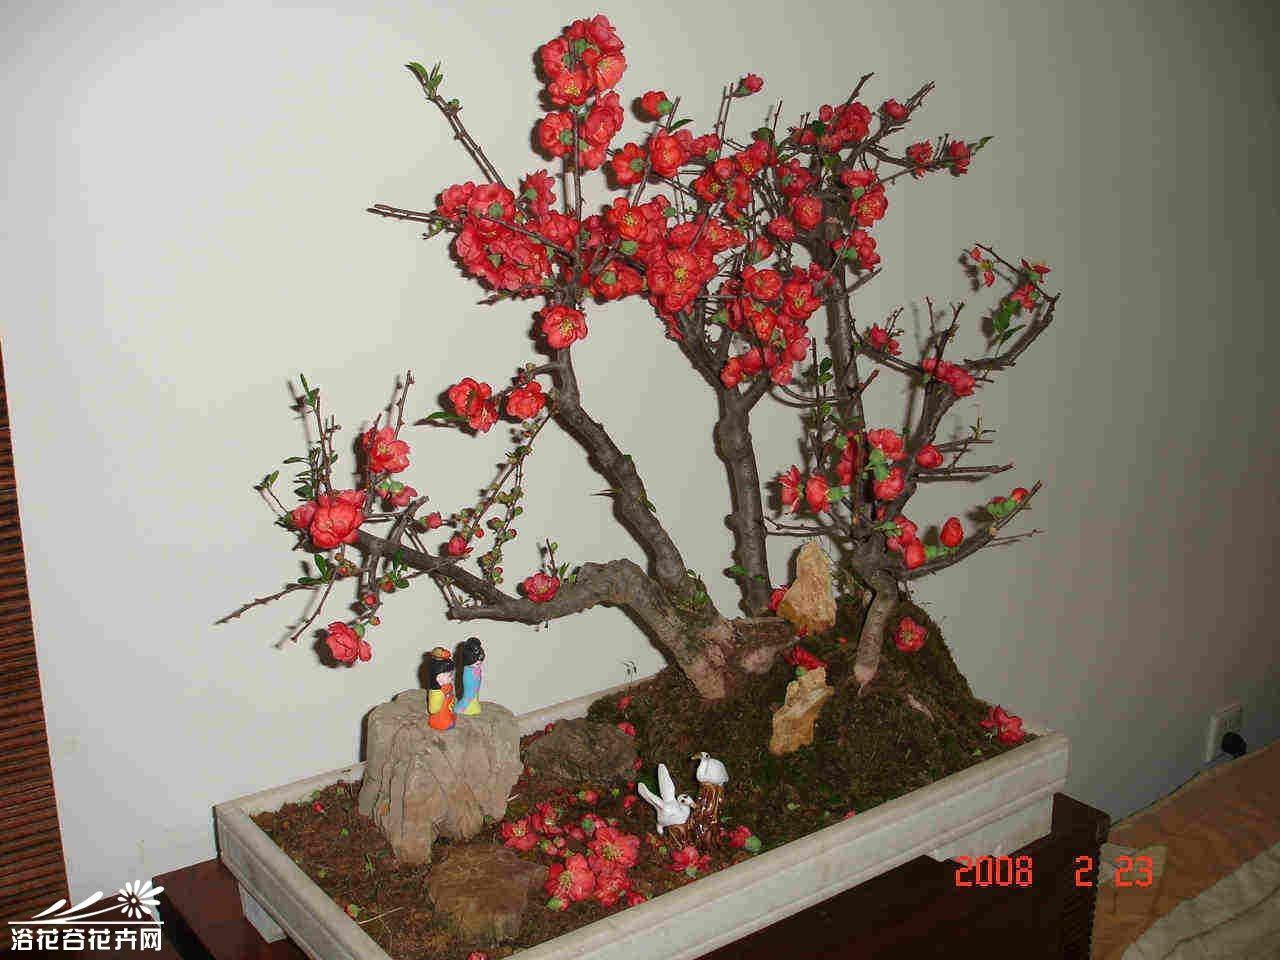 贴梗海棠盆景图片